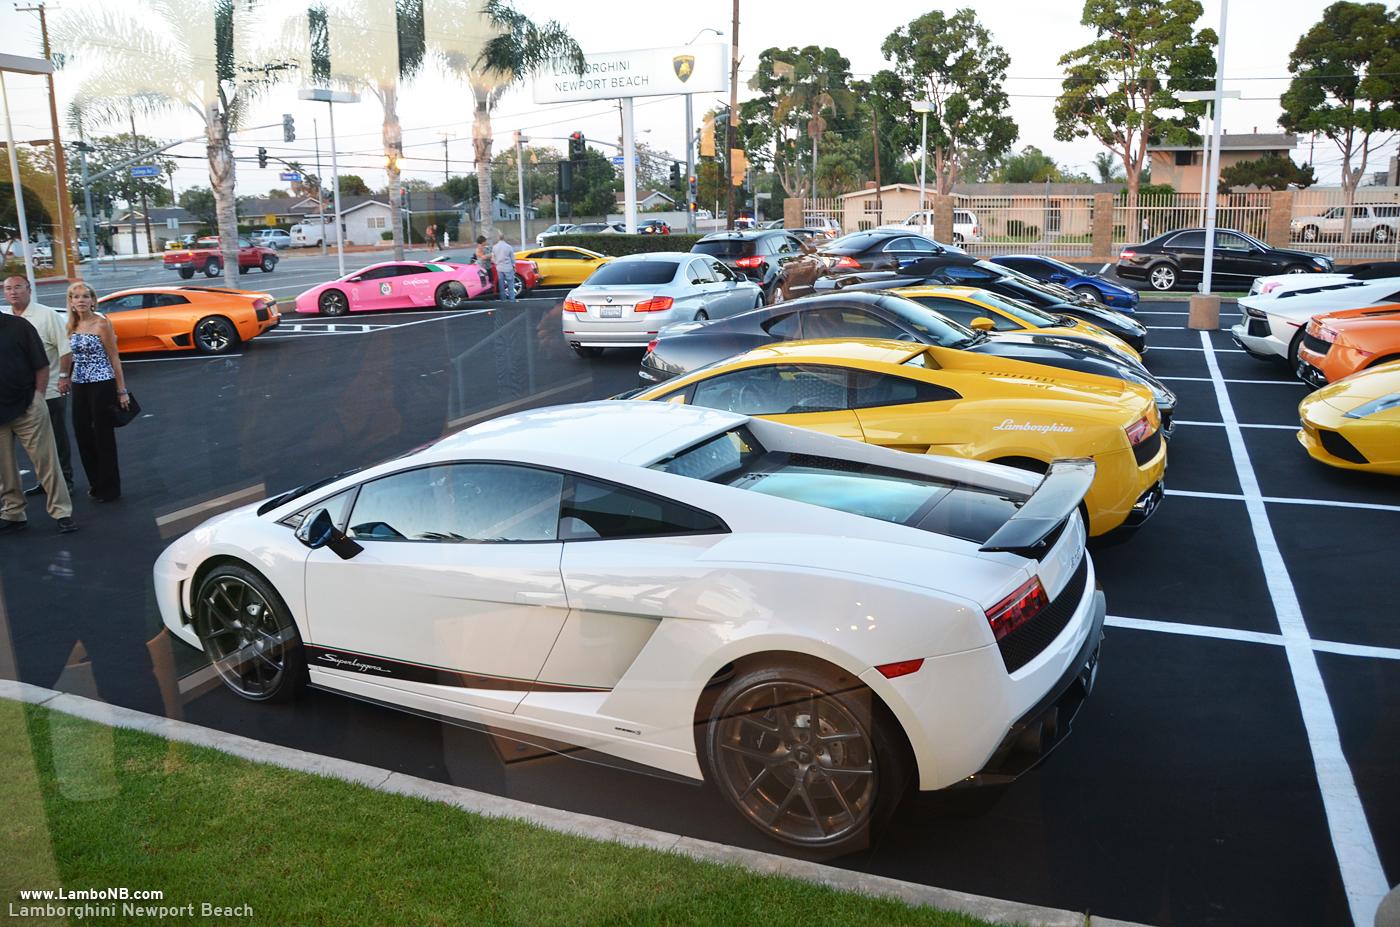 Lamborghini Newport Beach Blog Lamborghini Newport Beach